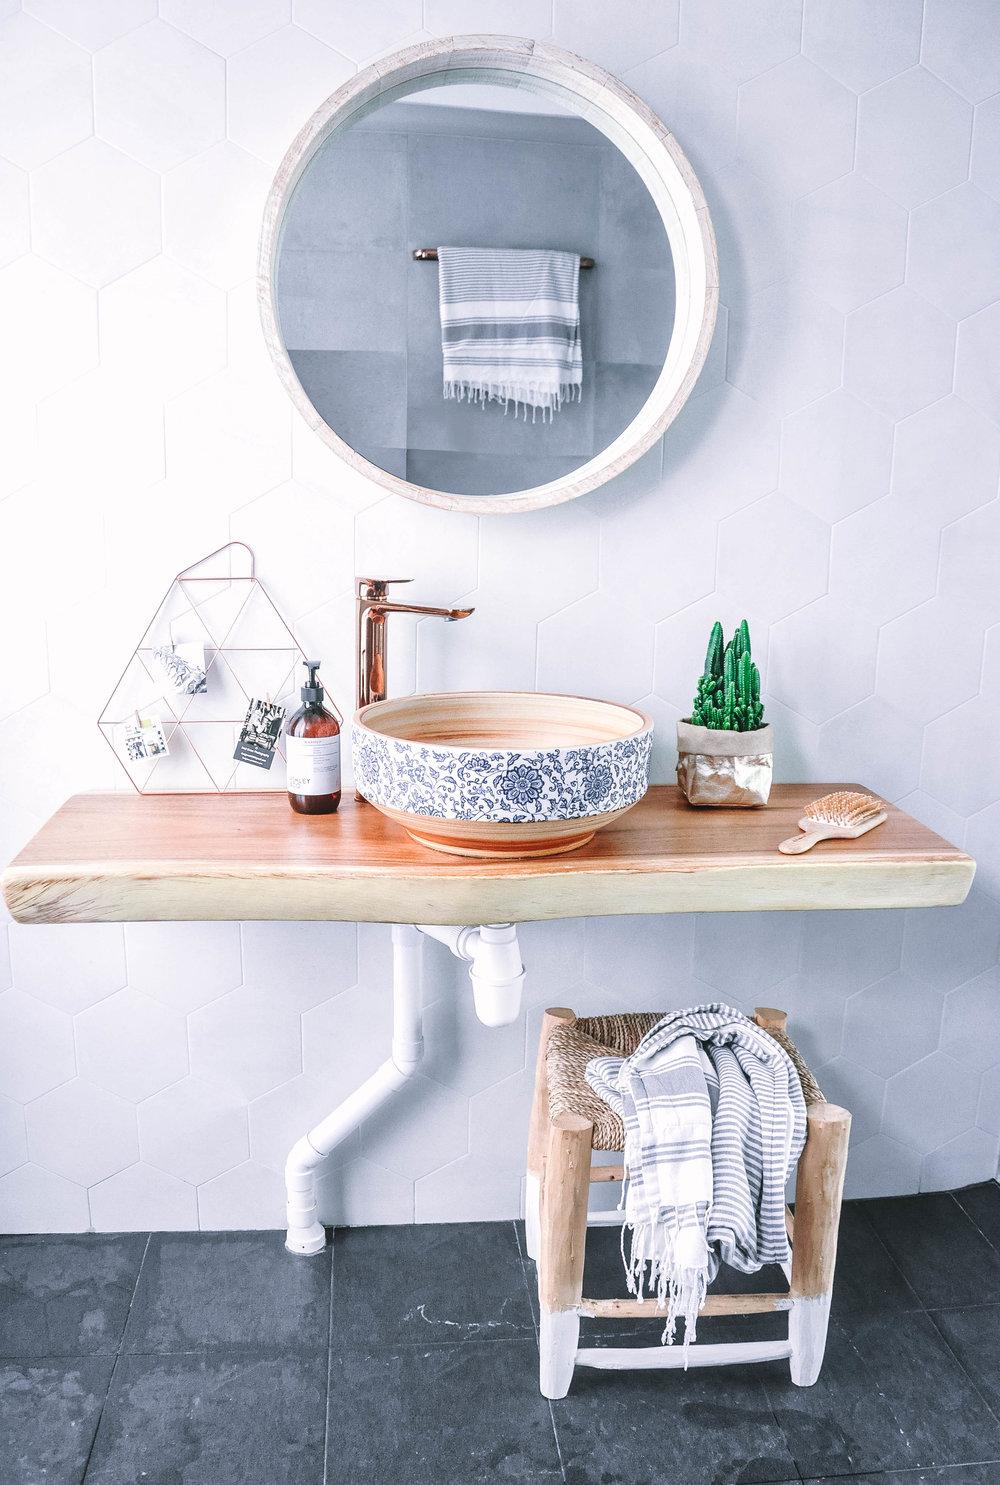 Cool Playful Round Mirror Bathroom Sink